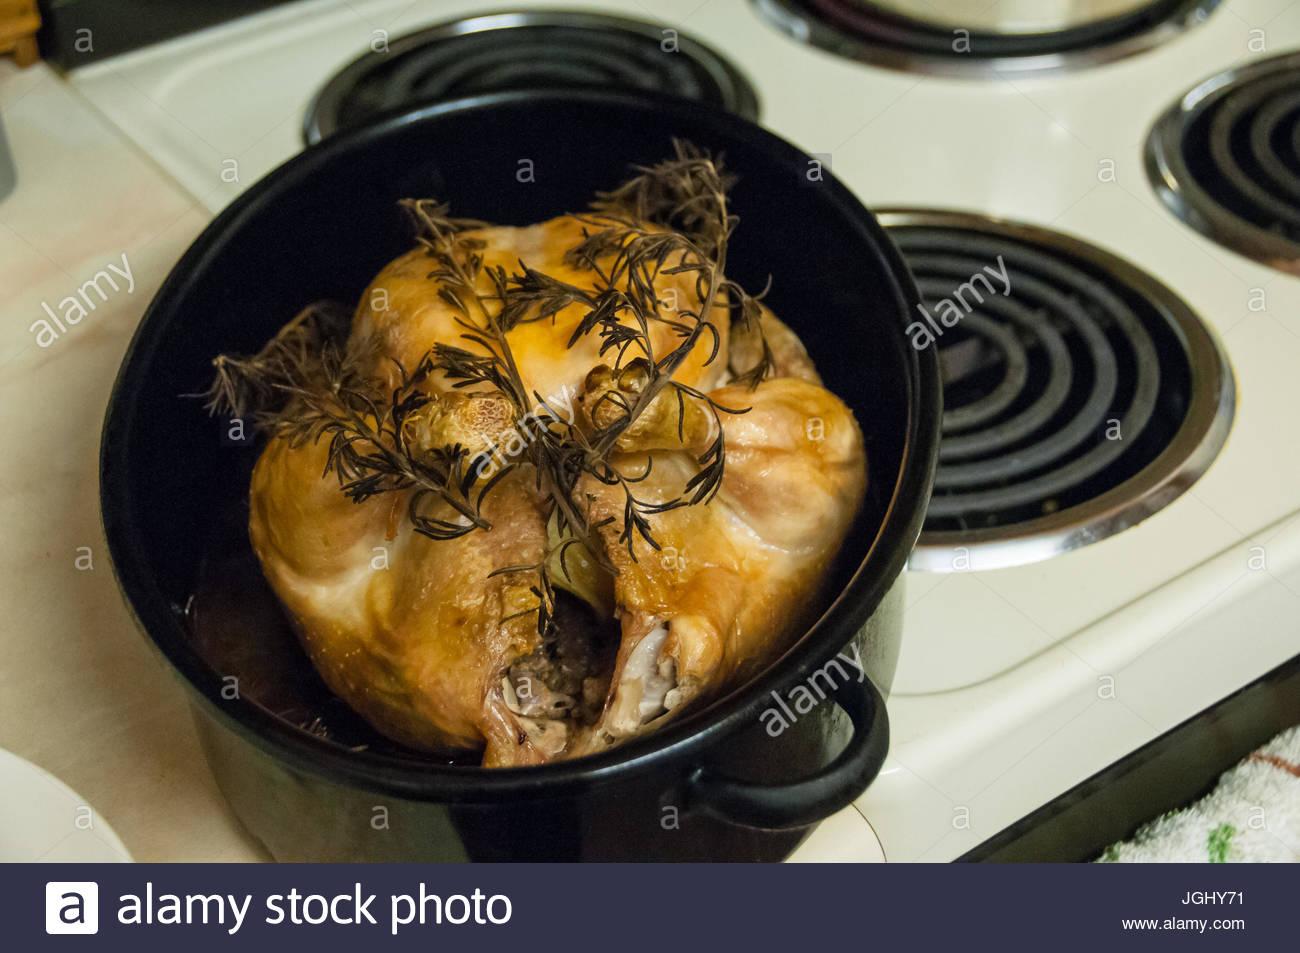 Poulet rôti au romarin frais hors du four. Accueil plats. Photo Stock